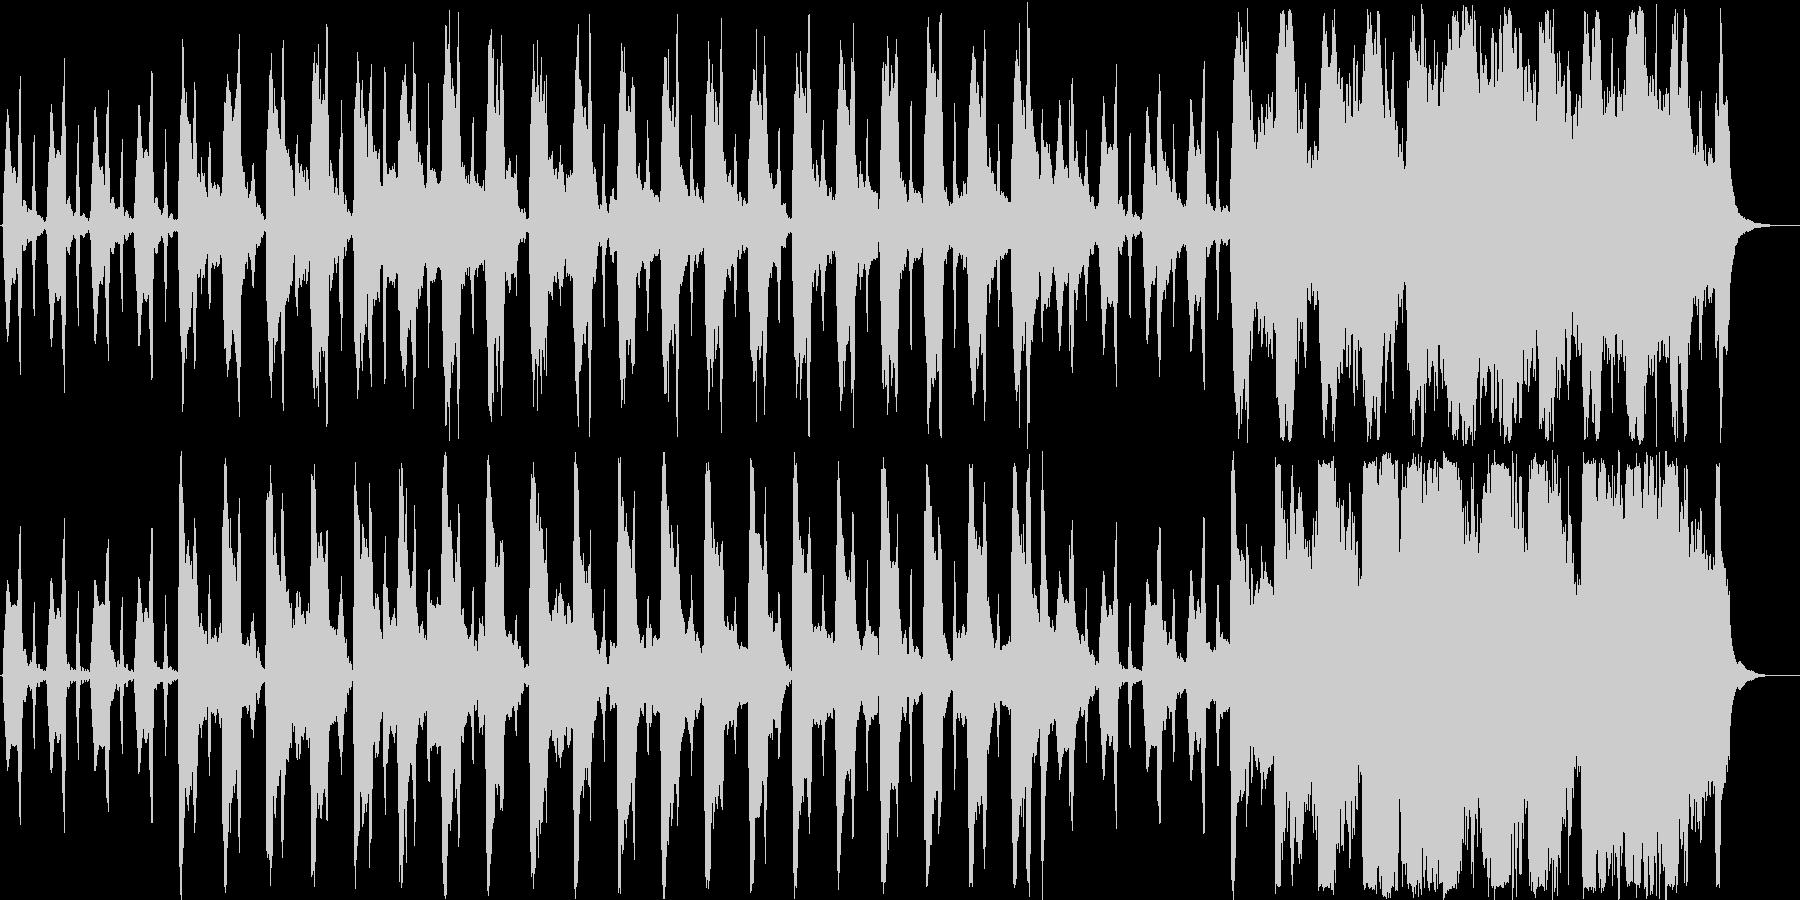 ほのぼのしたシンセ・木琴などの曲短めの未再生の波形